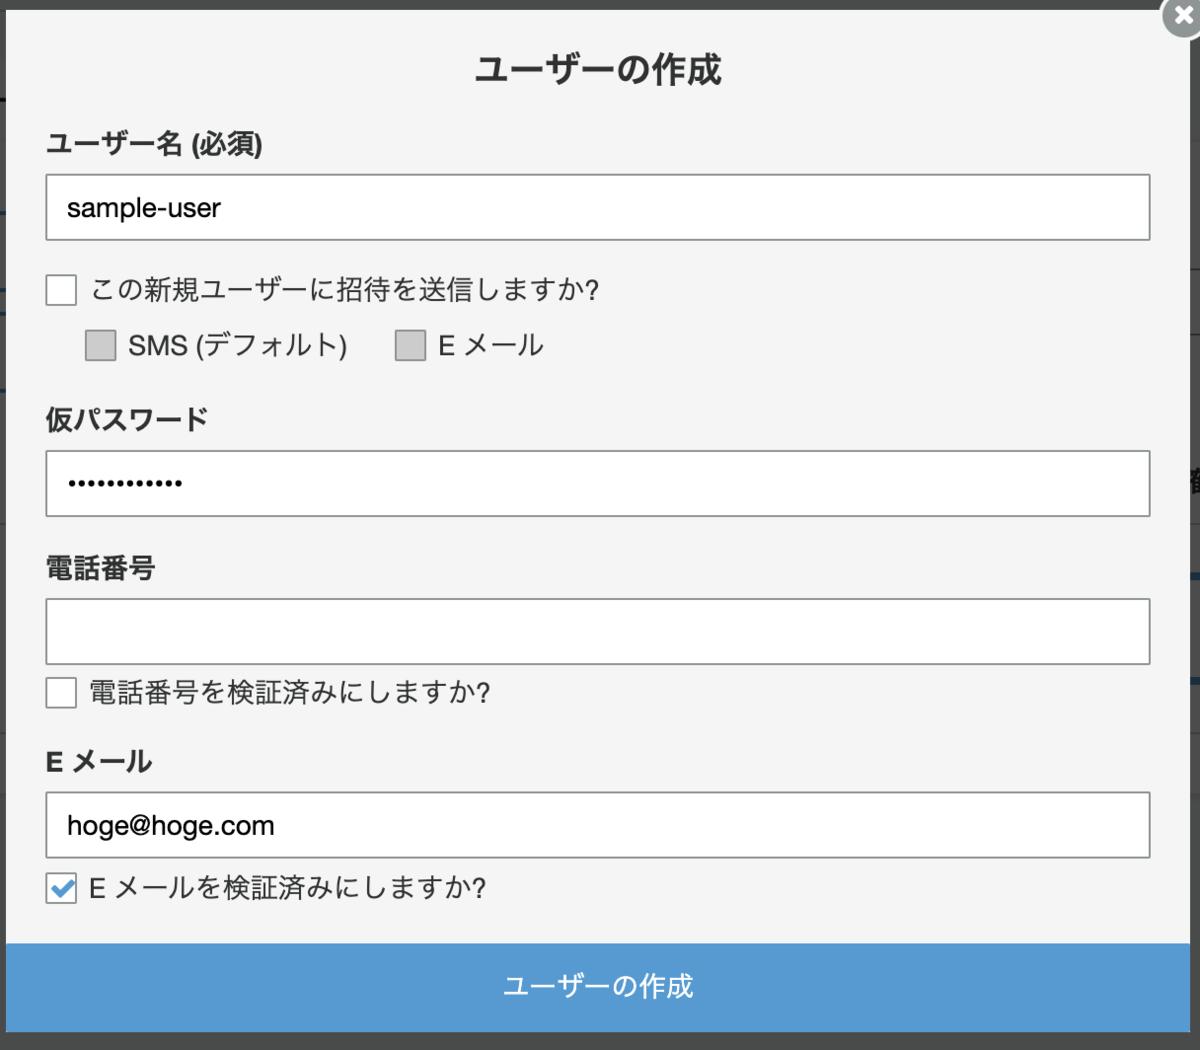 f:id:nikuyoshi:20200210155322p:plain